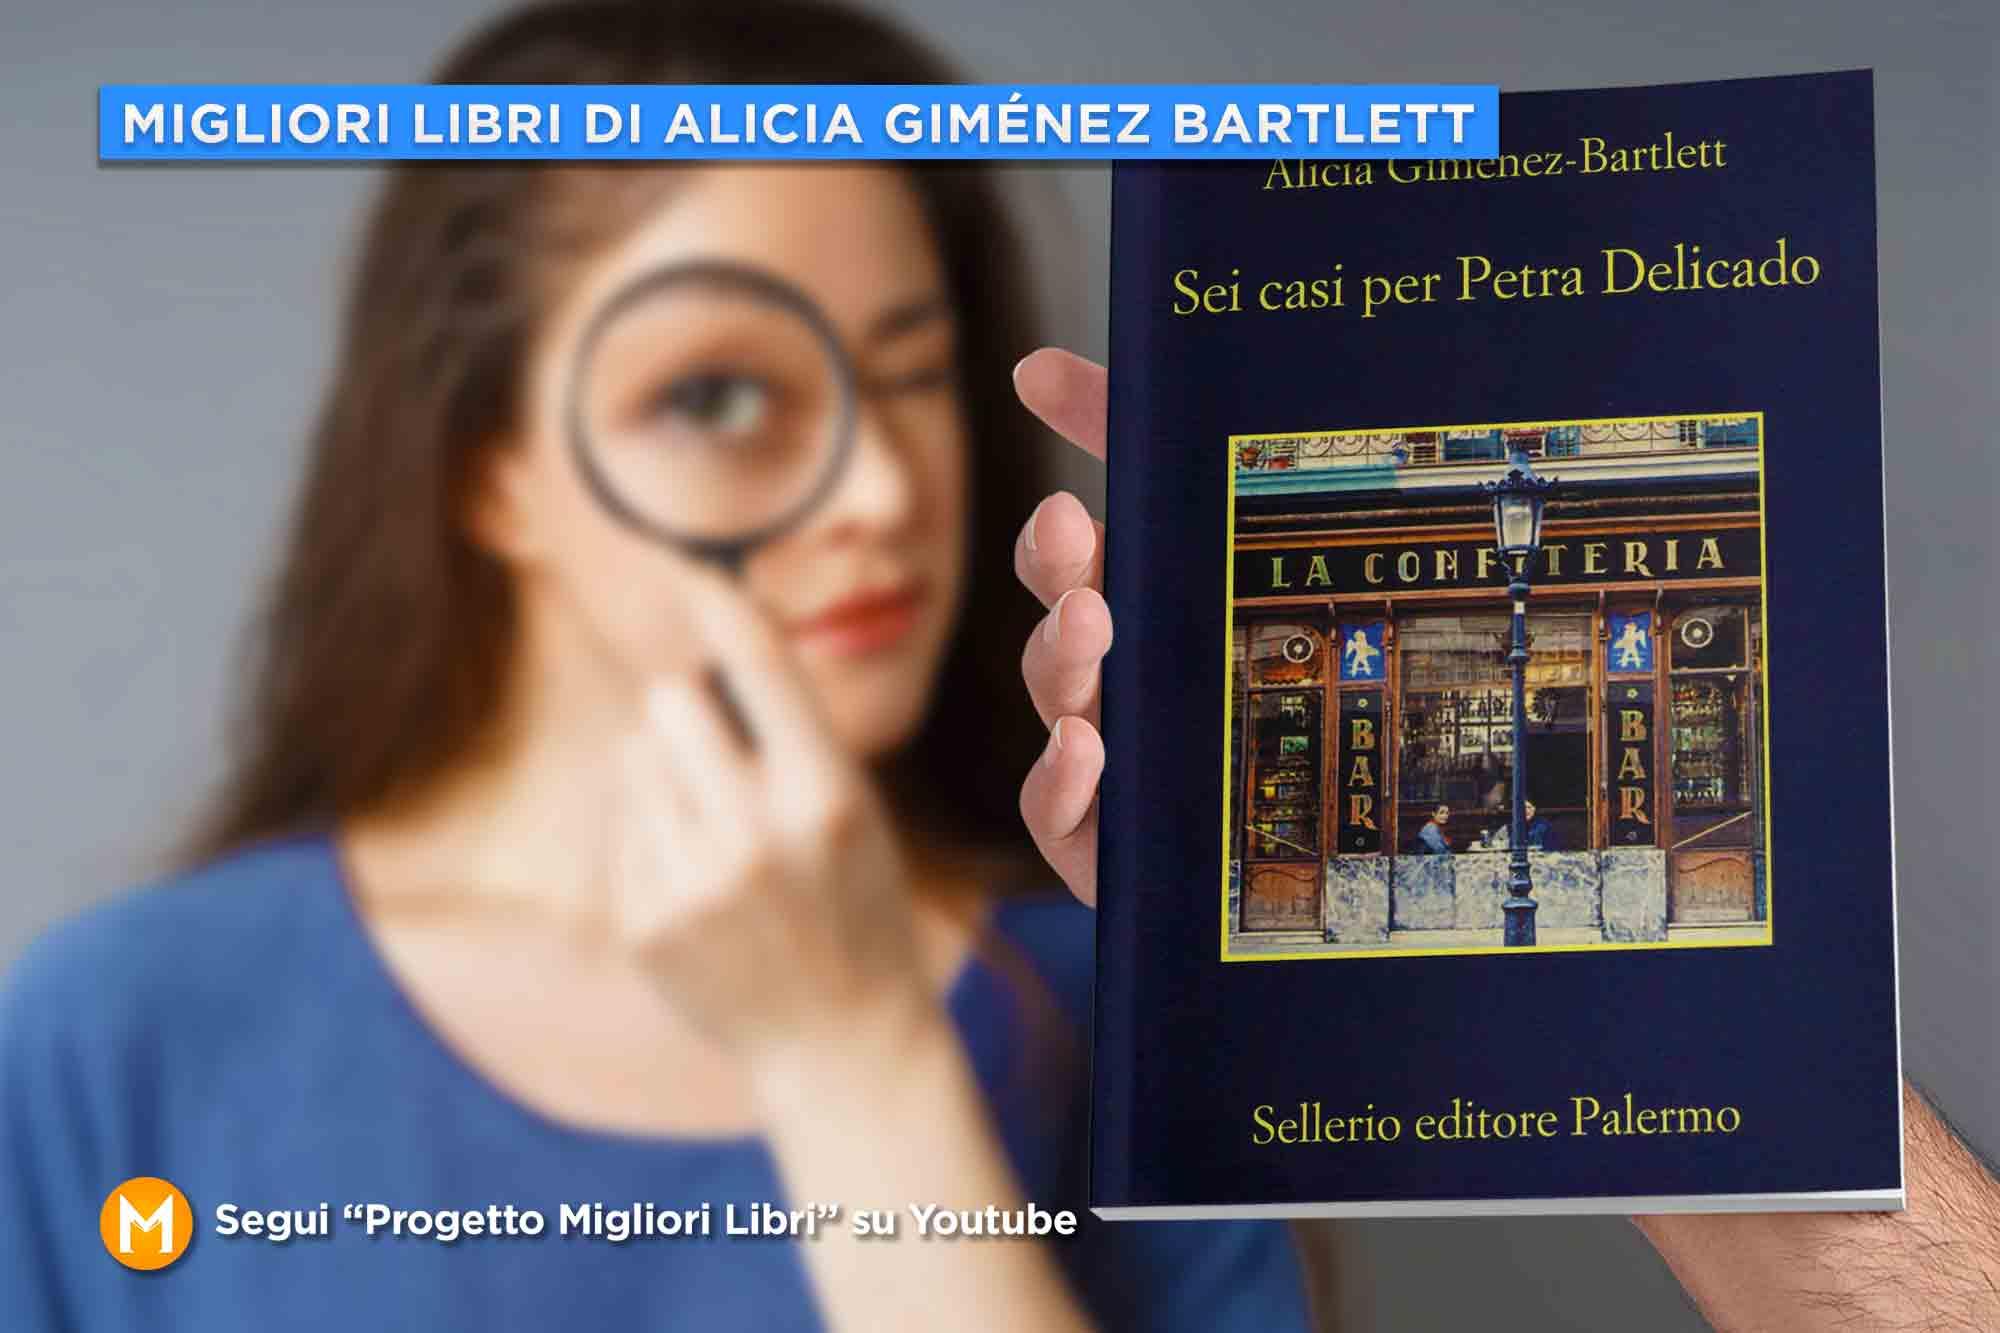 migliori-libri-Alicia-Gimenez-Bartlett